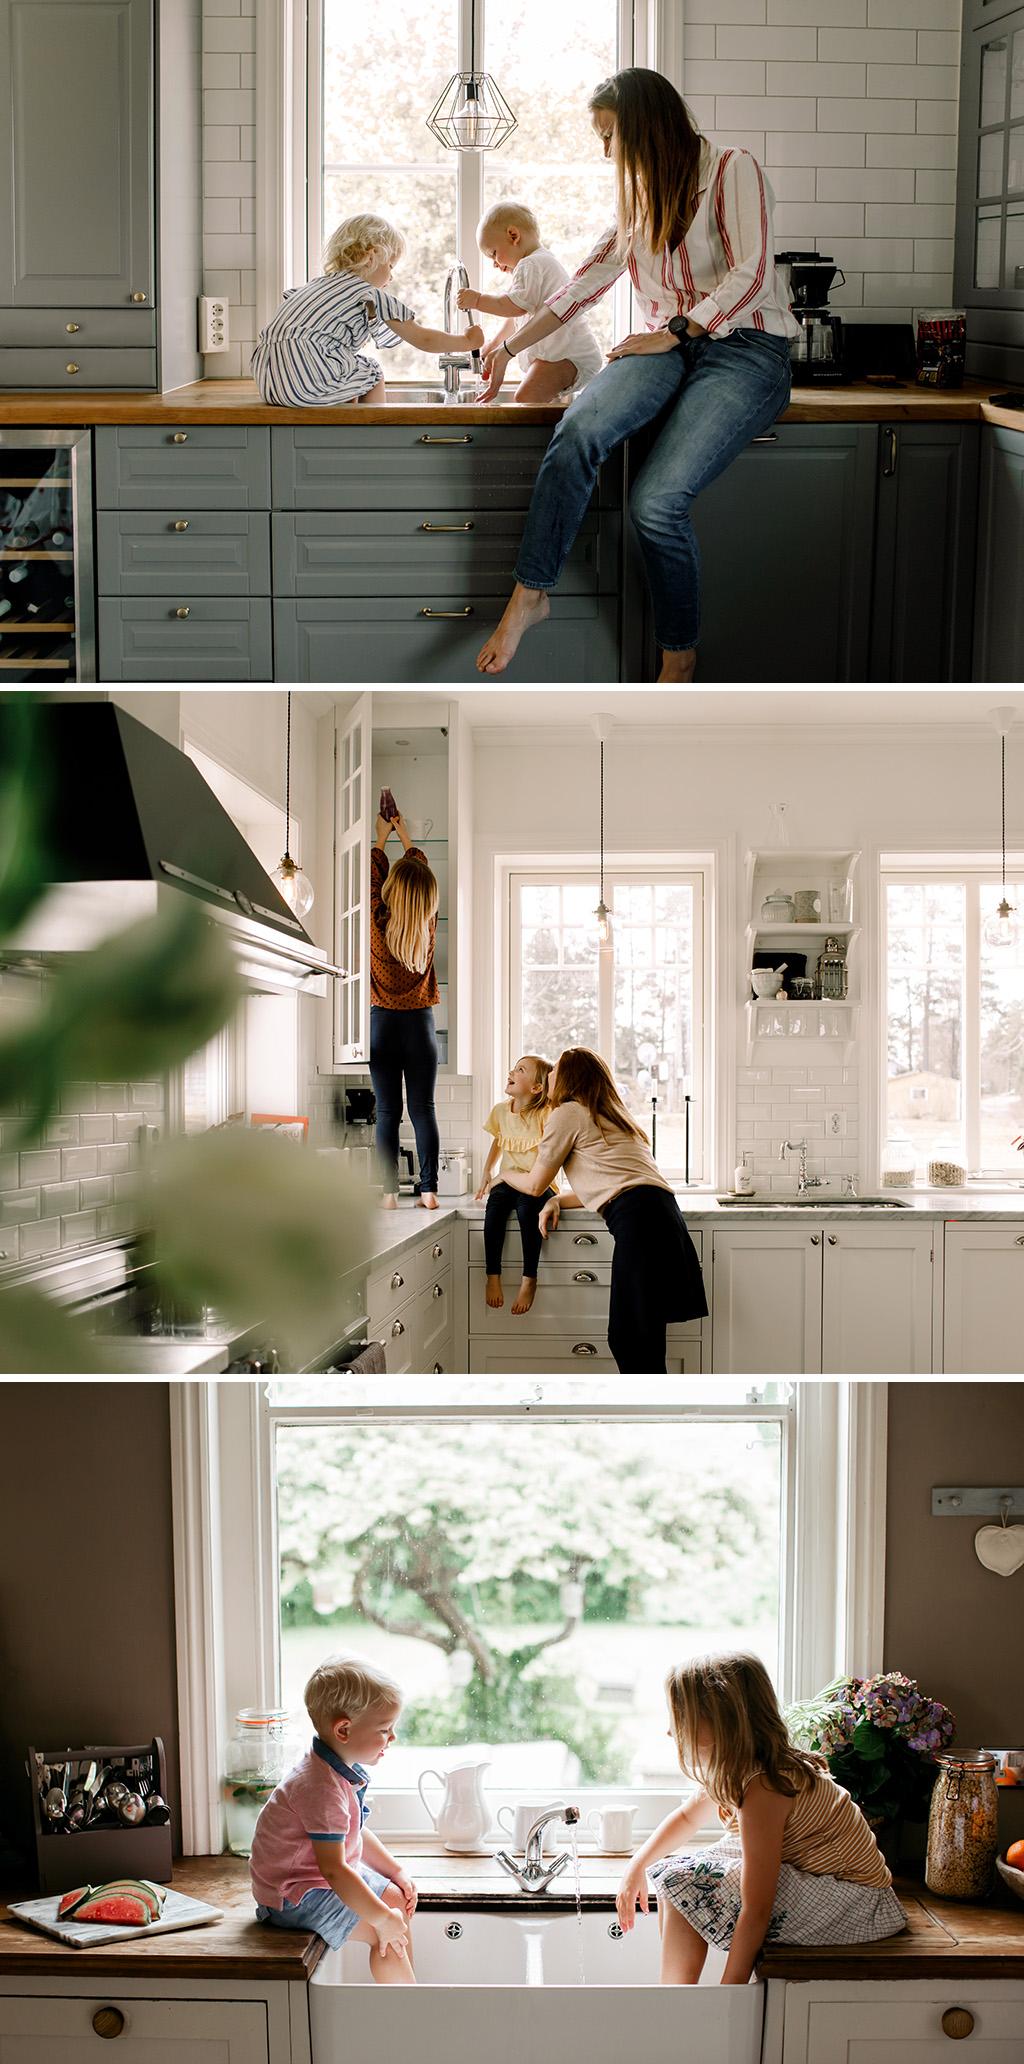 Koket_kitchen_lifestylefotografering_Familjefotograf_Stockhom_Nacka.jpg